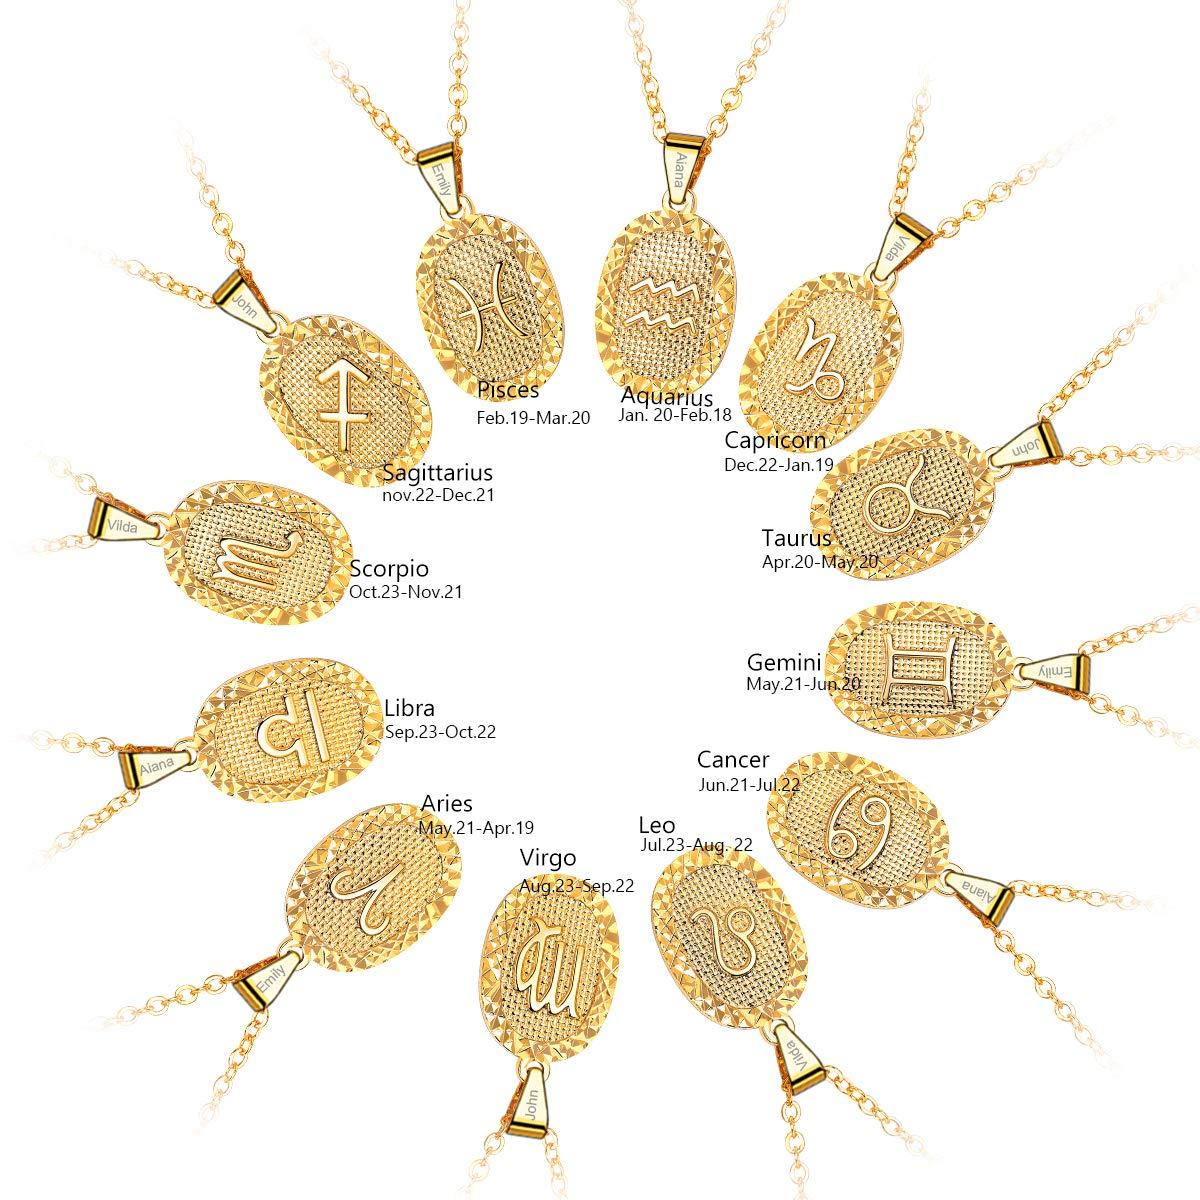 FOCALOOK Bijoux Femme Collier Astrologique Signe du Zodiaque 12 Constellations Pendentif Ovale Personnalisable Cha/îne Fine 55cm de Long Ajustable Joyau Plaqu/é Or Jaune//Platin/é